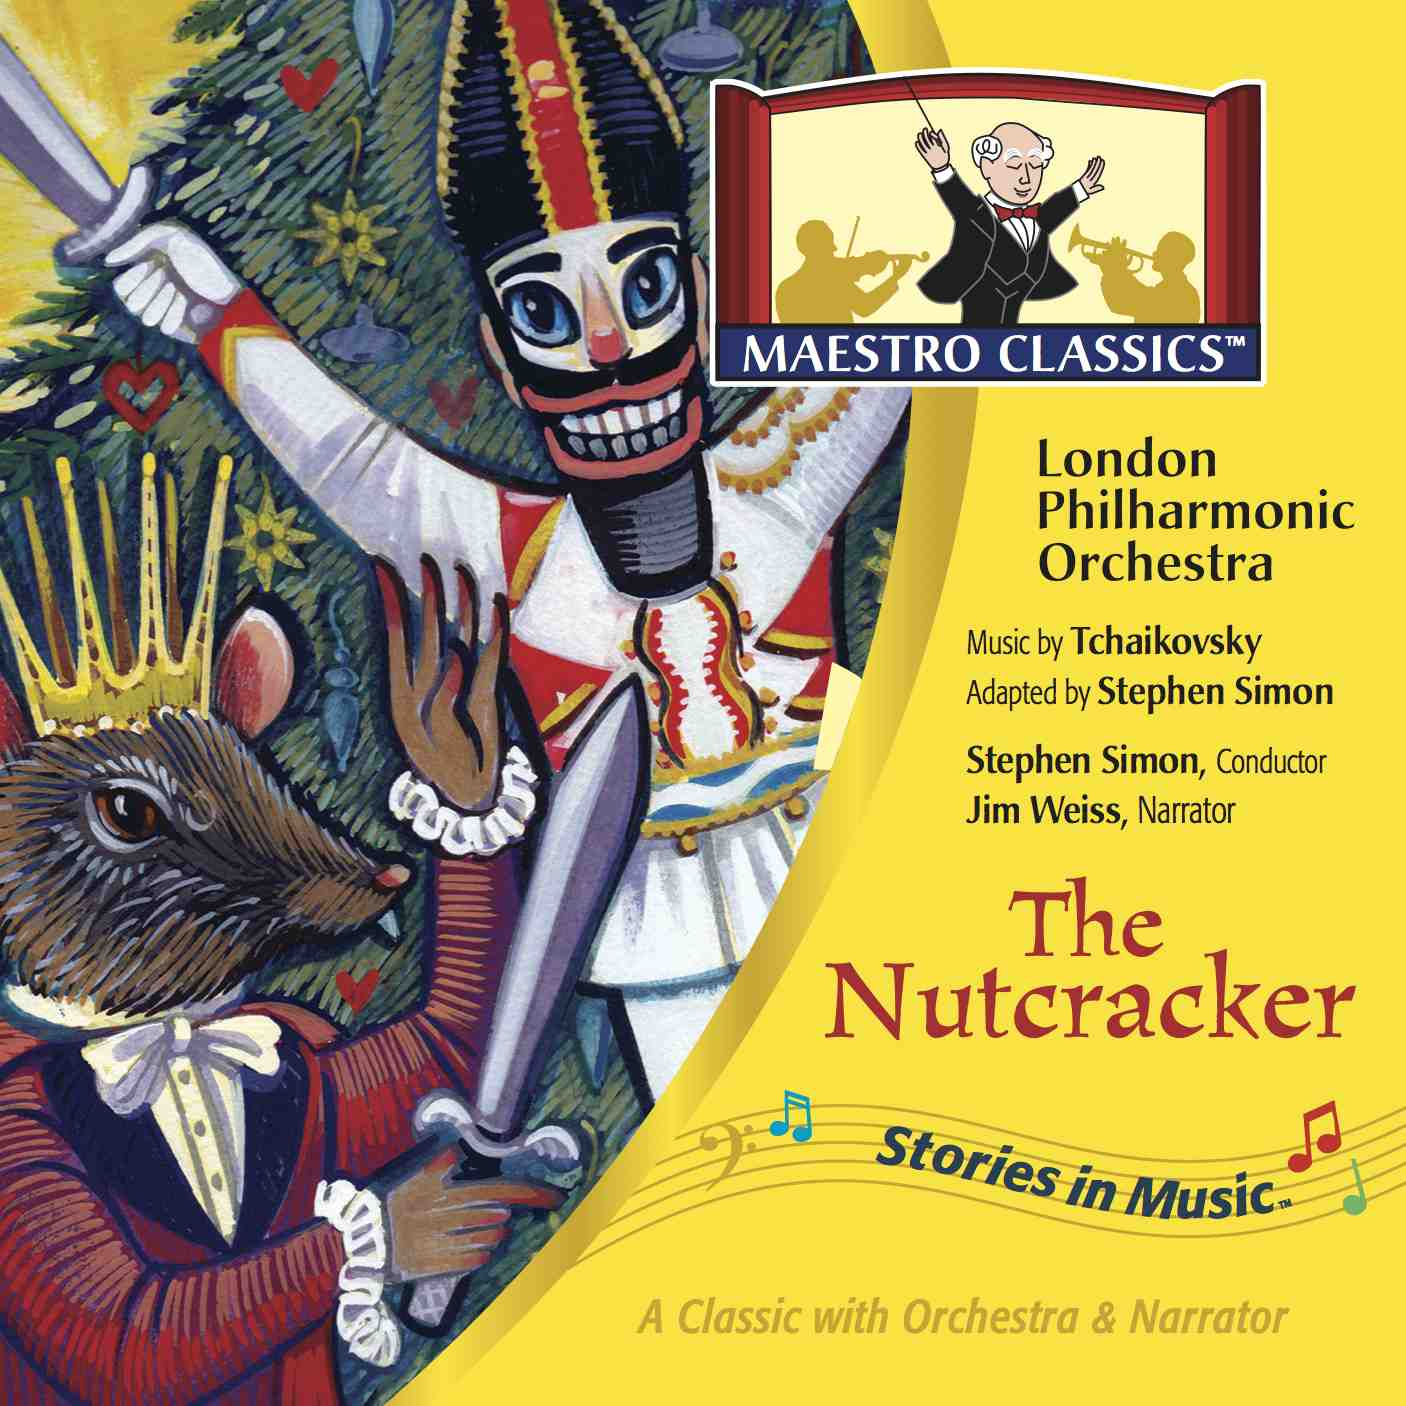 The Nutcracker from Maestro Classics